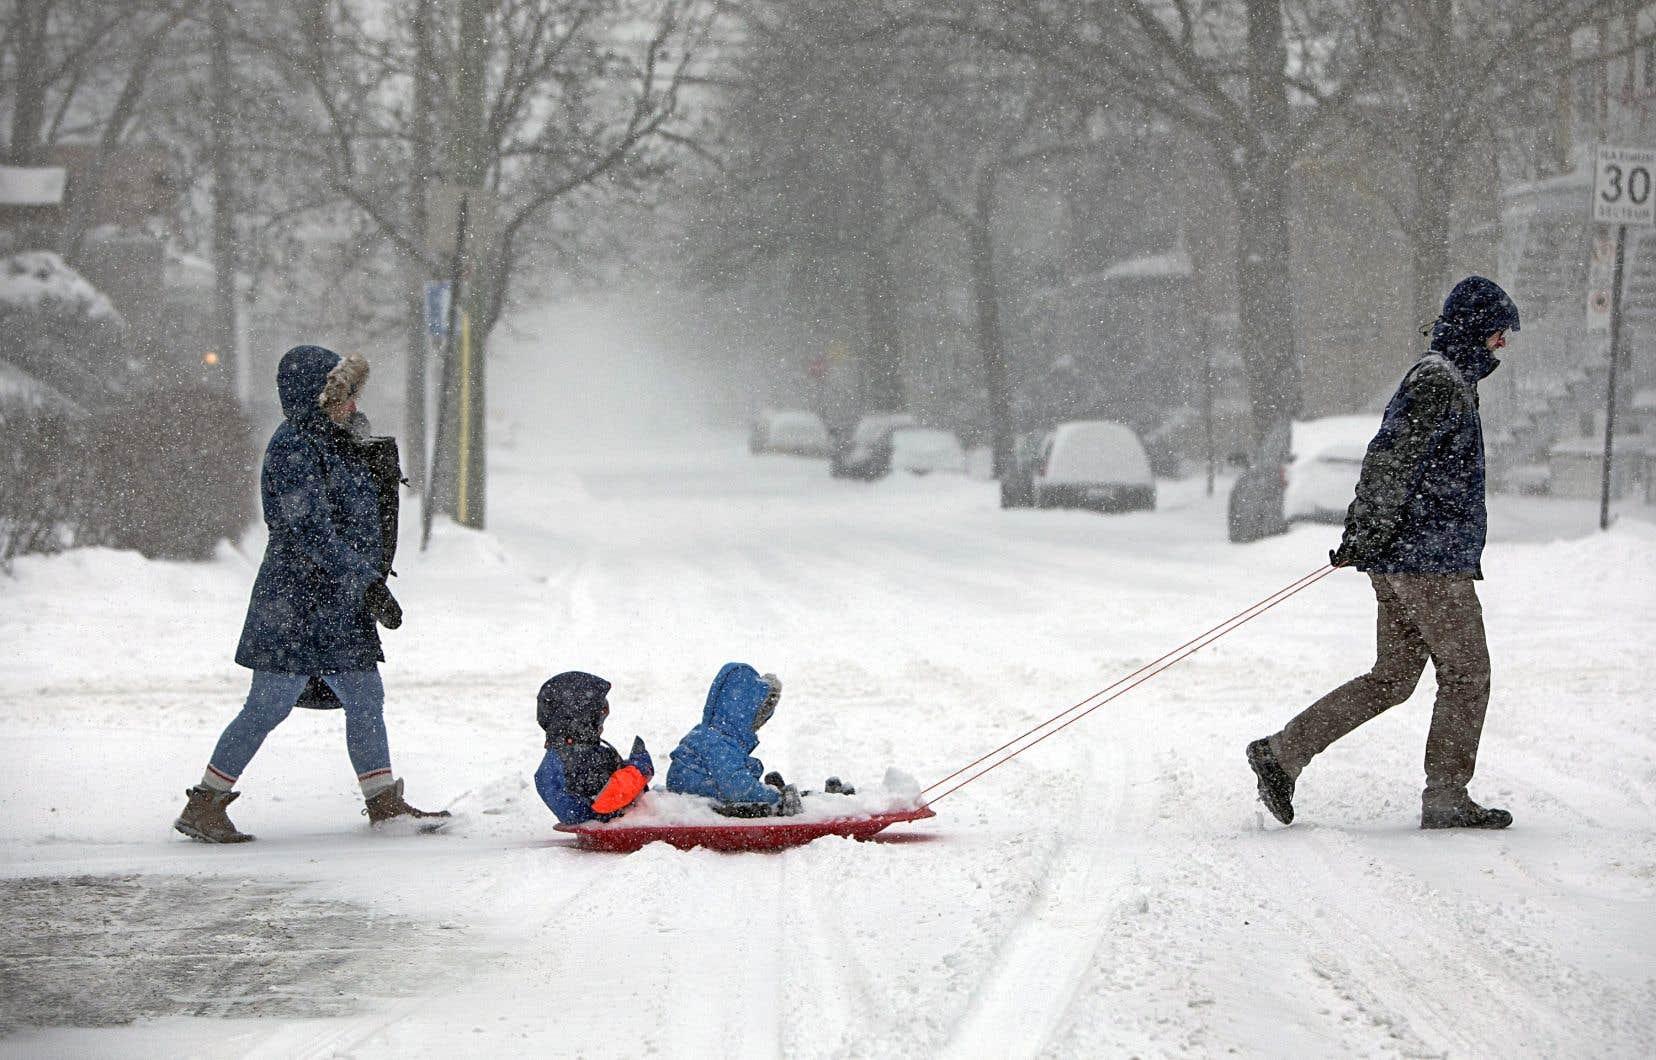 Une vingtaine de centimètres de neige sont tombés sur la métropole dimanche.